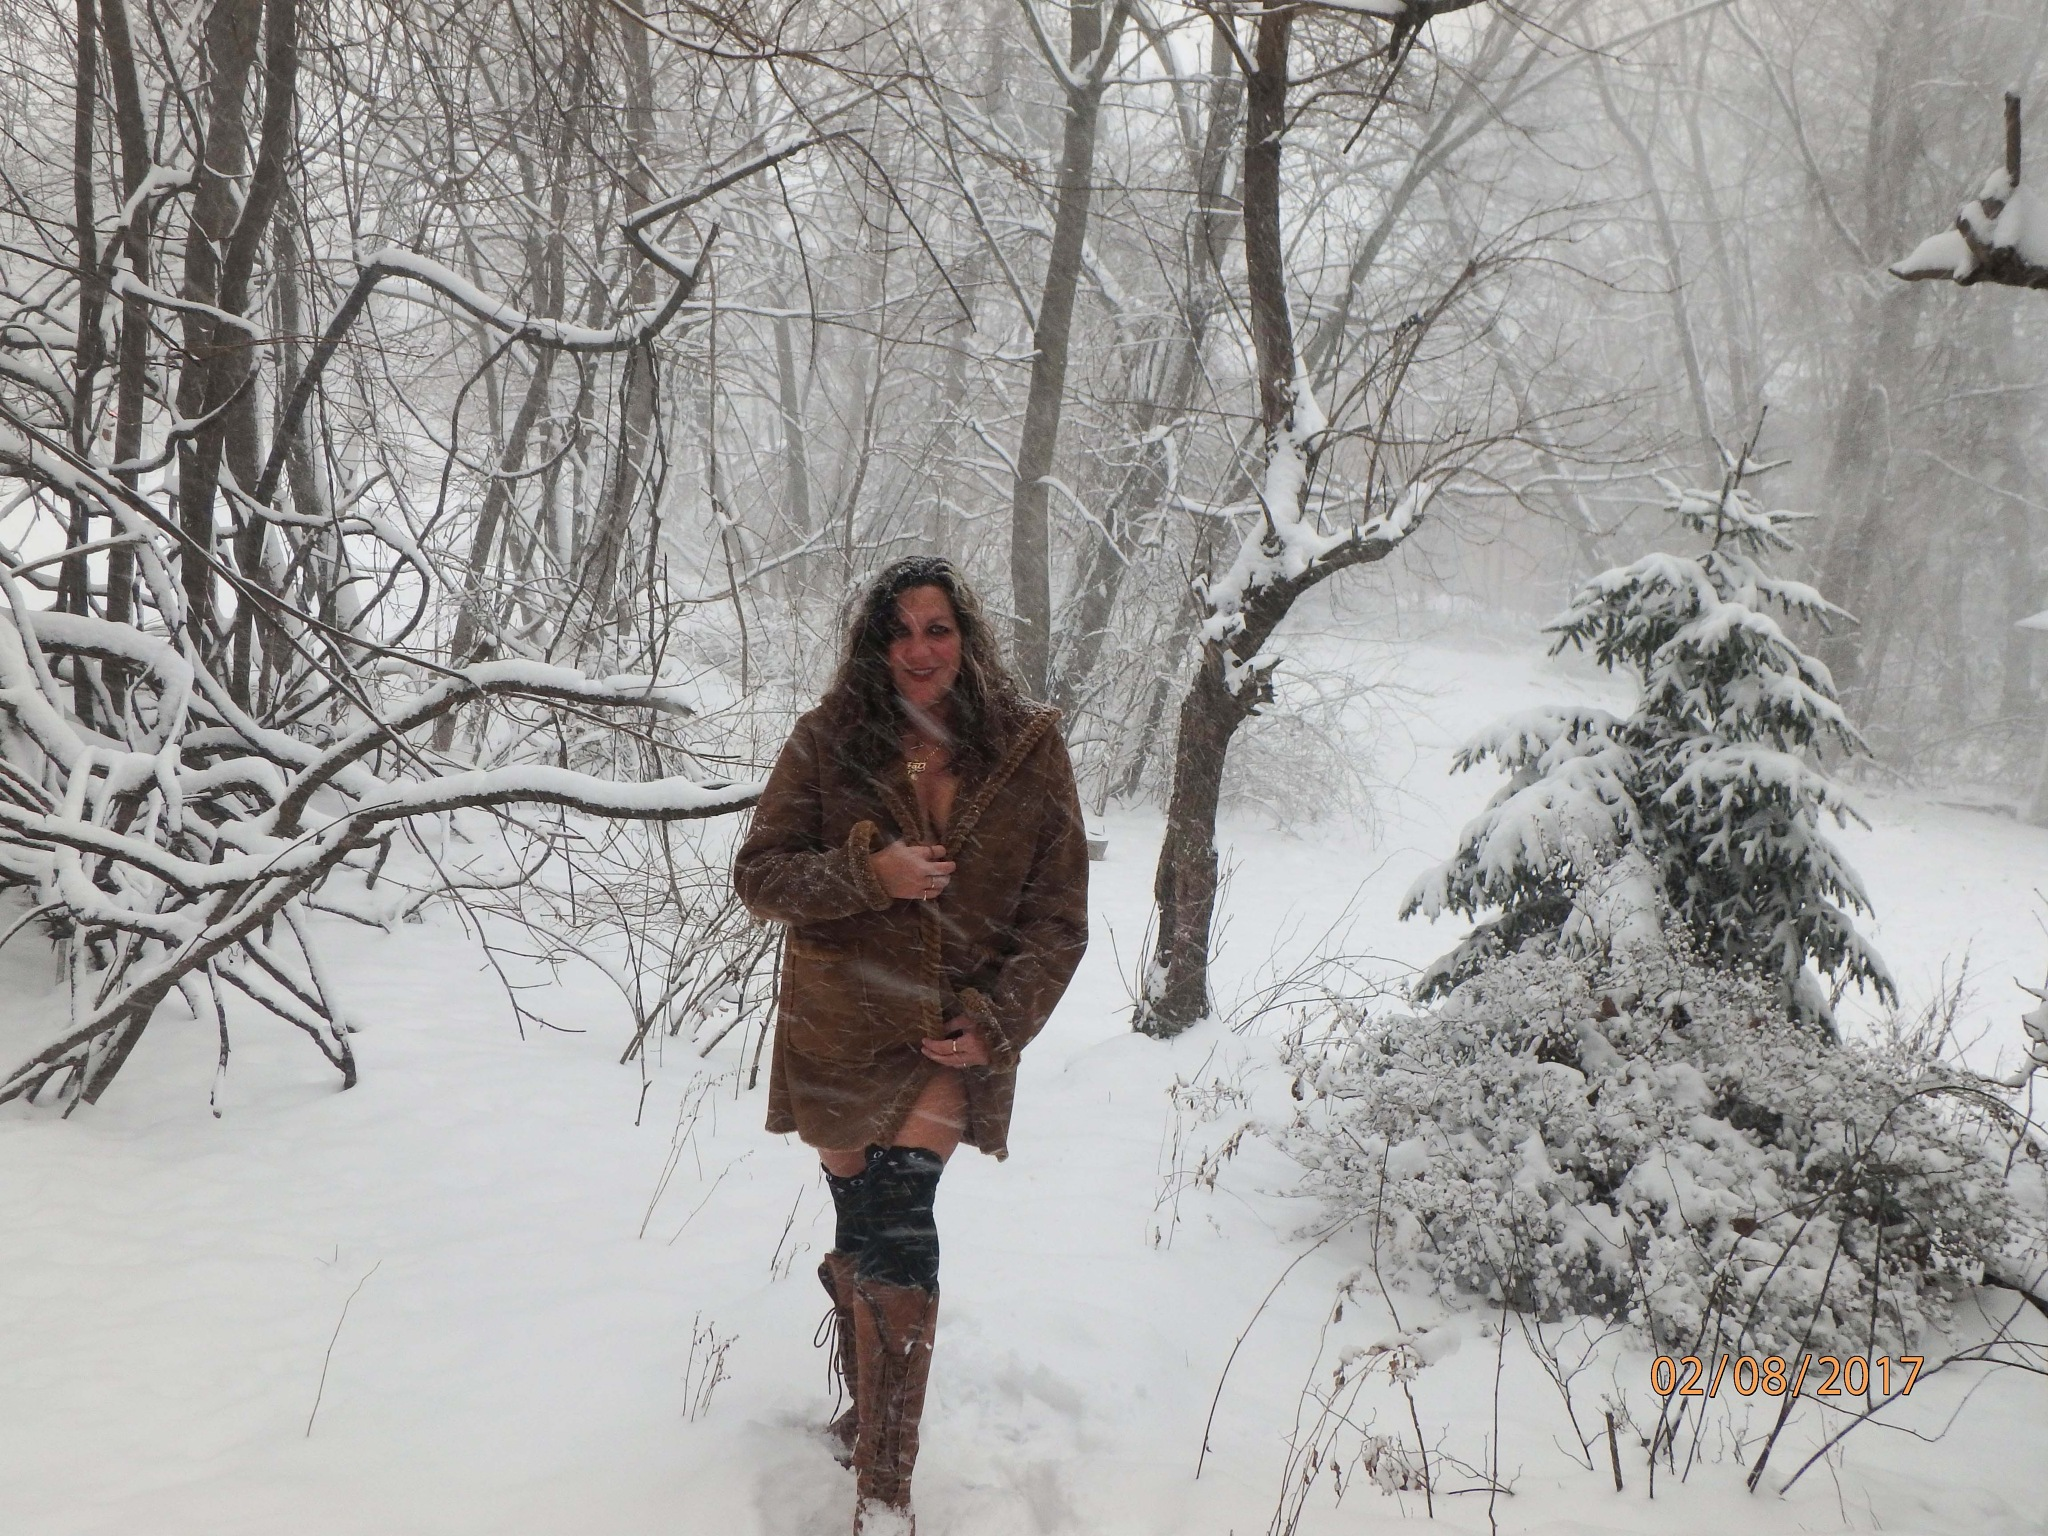 My Snow Selfie by patriciaann3139